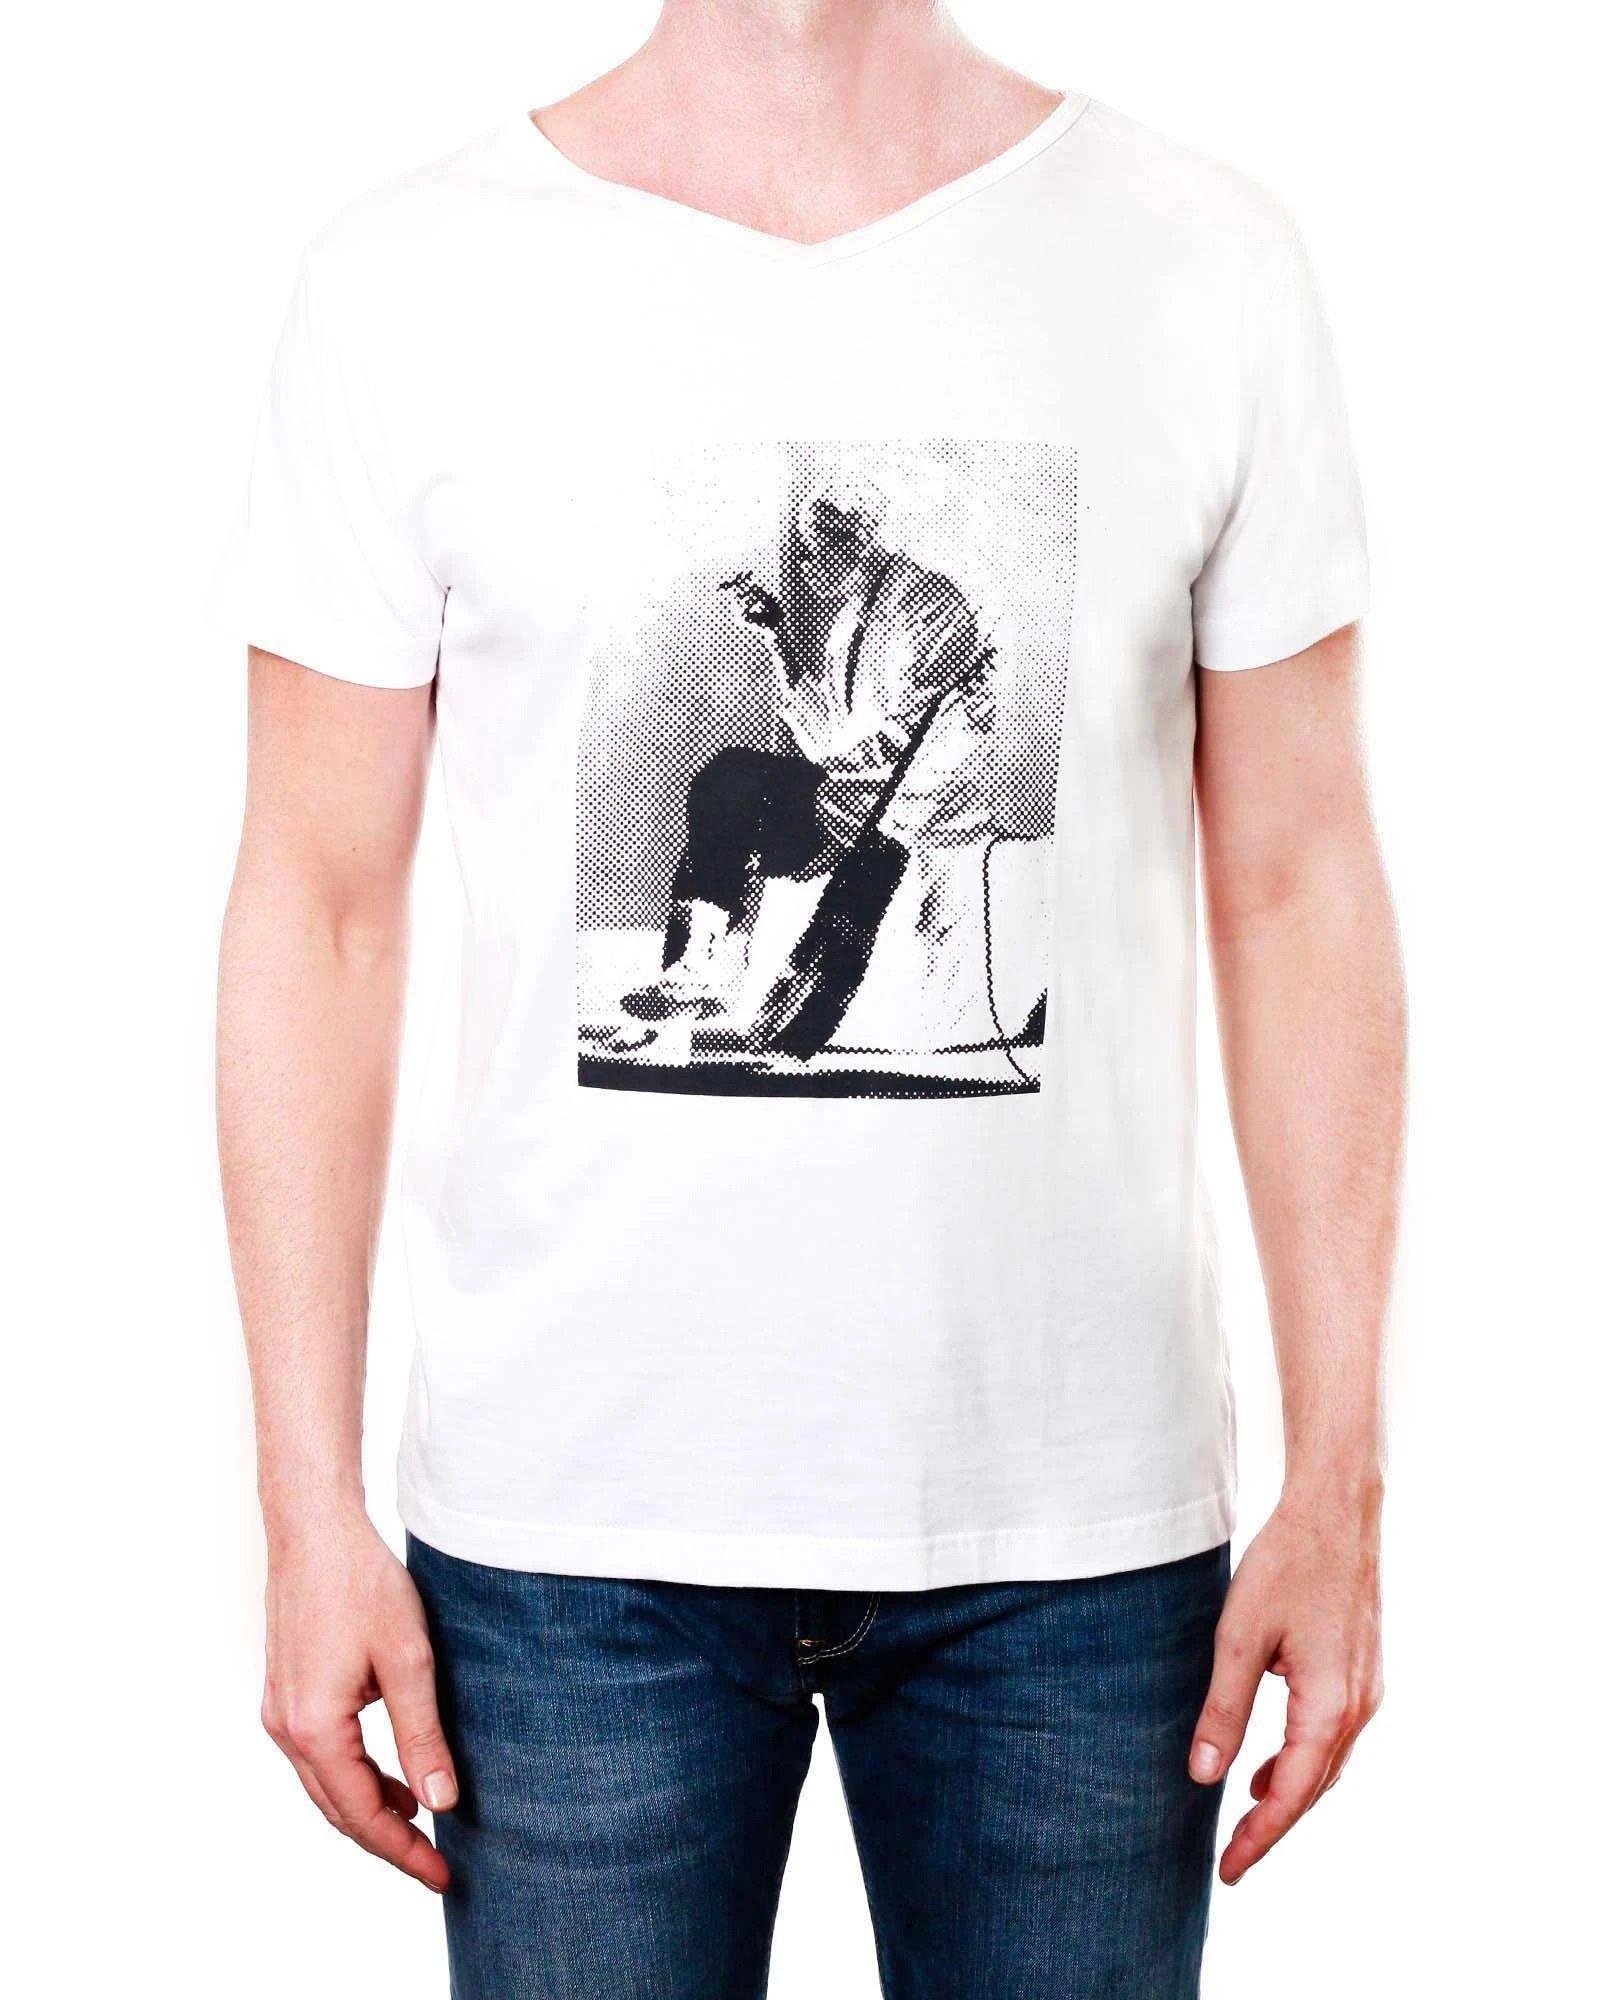 EBCC_EB001WH_Men_s_V_Neck_T-shirt_White_Blues_Man_Print_1D_1024x1024@2x